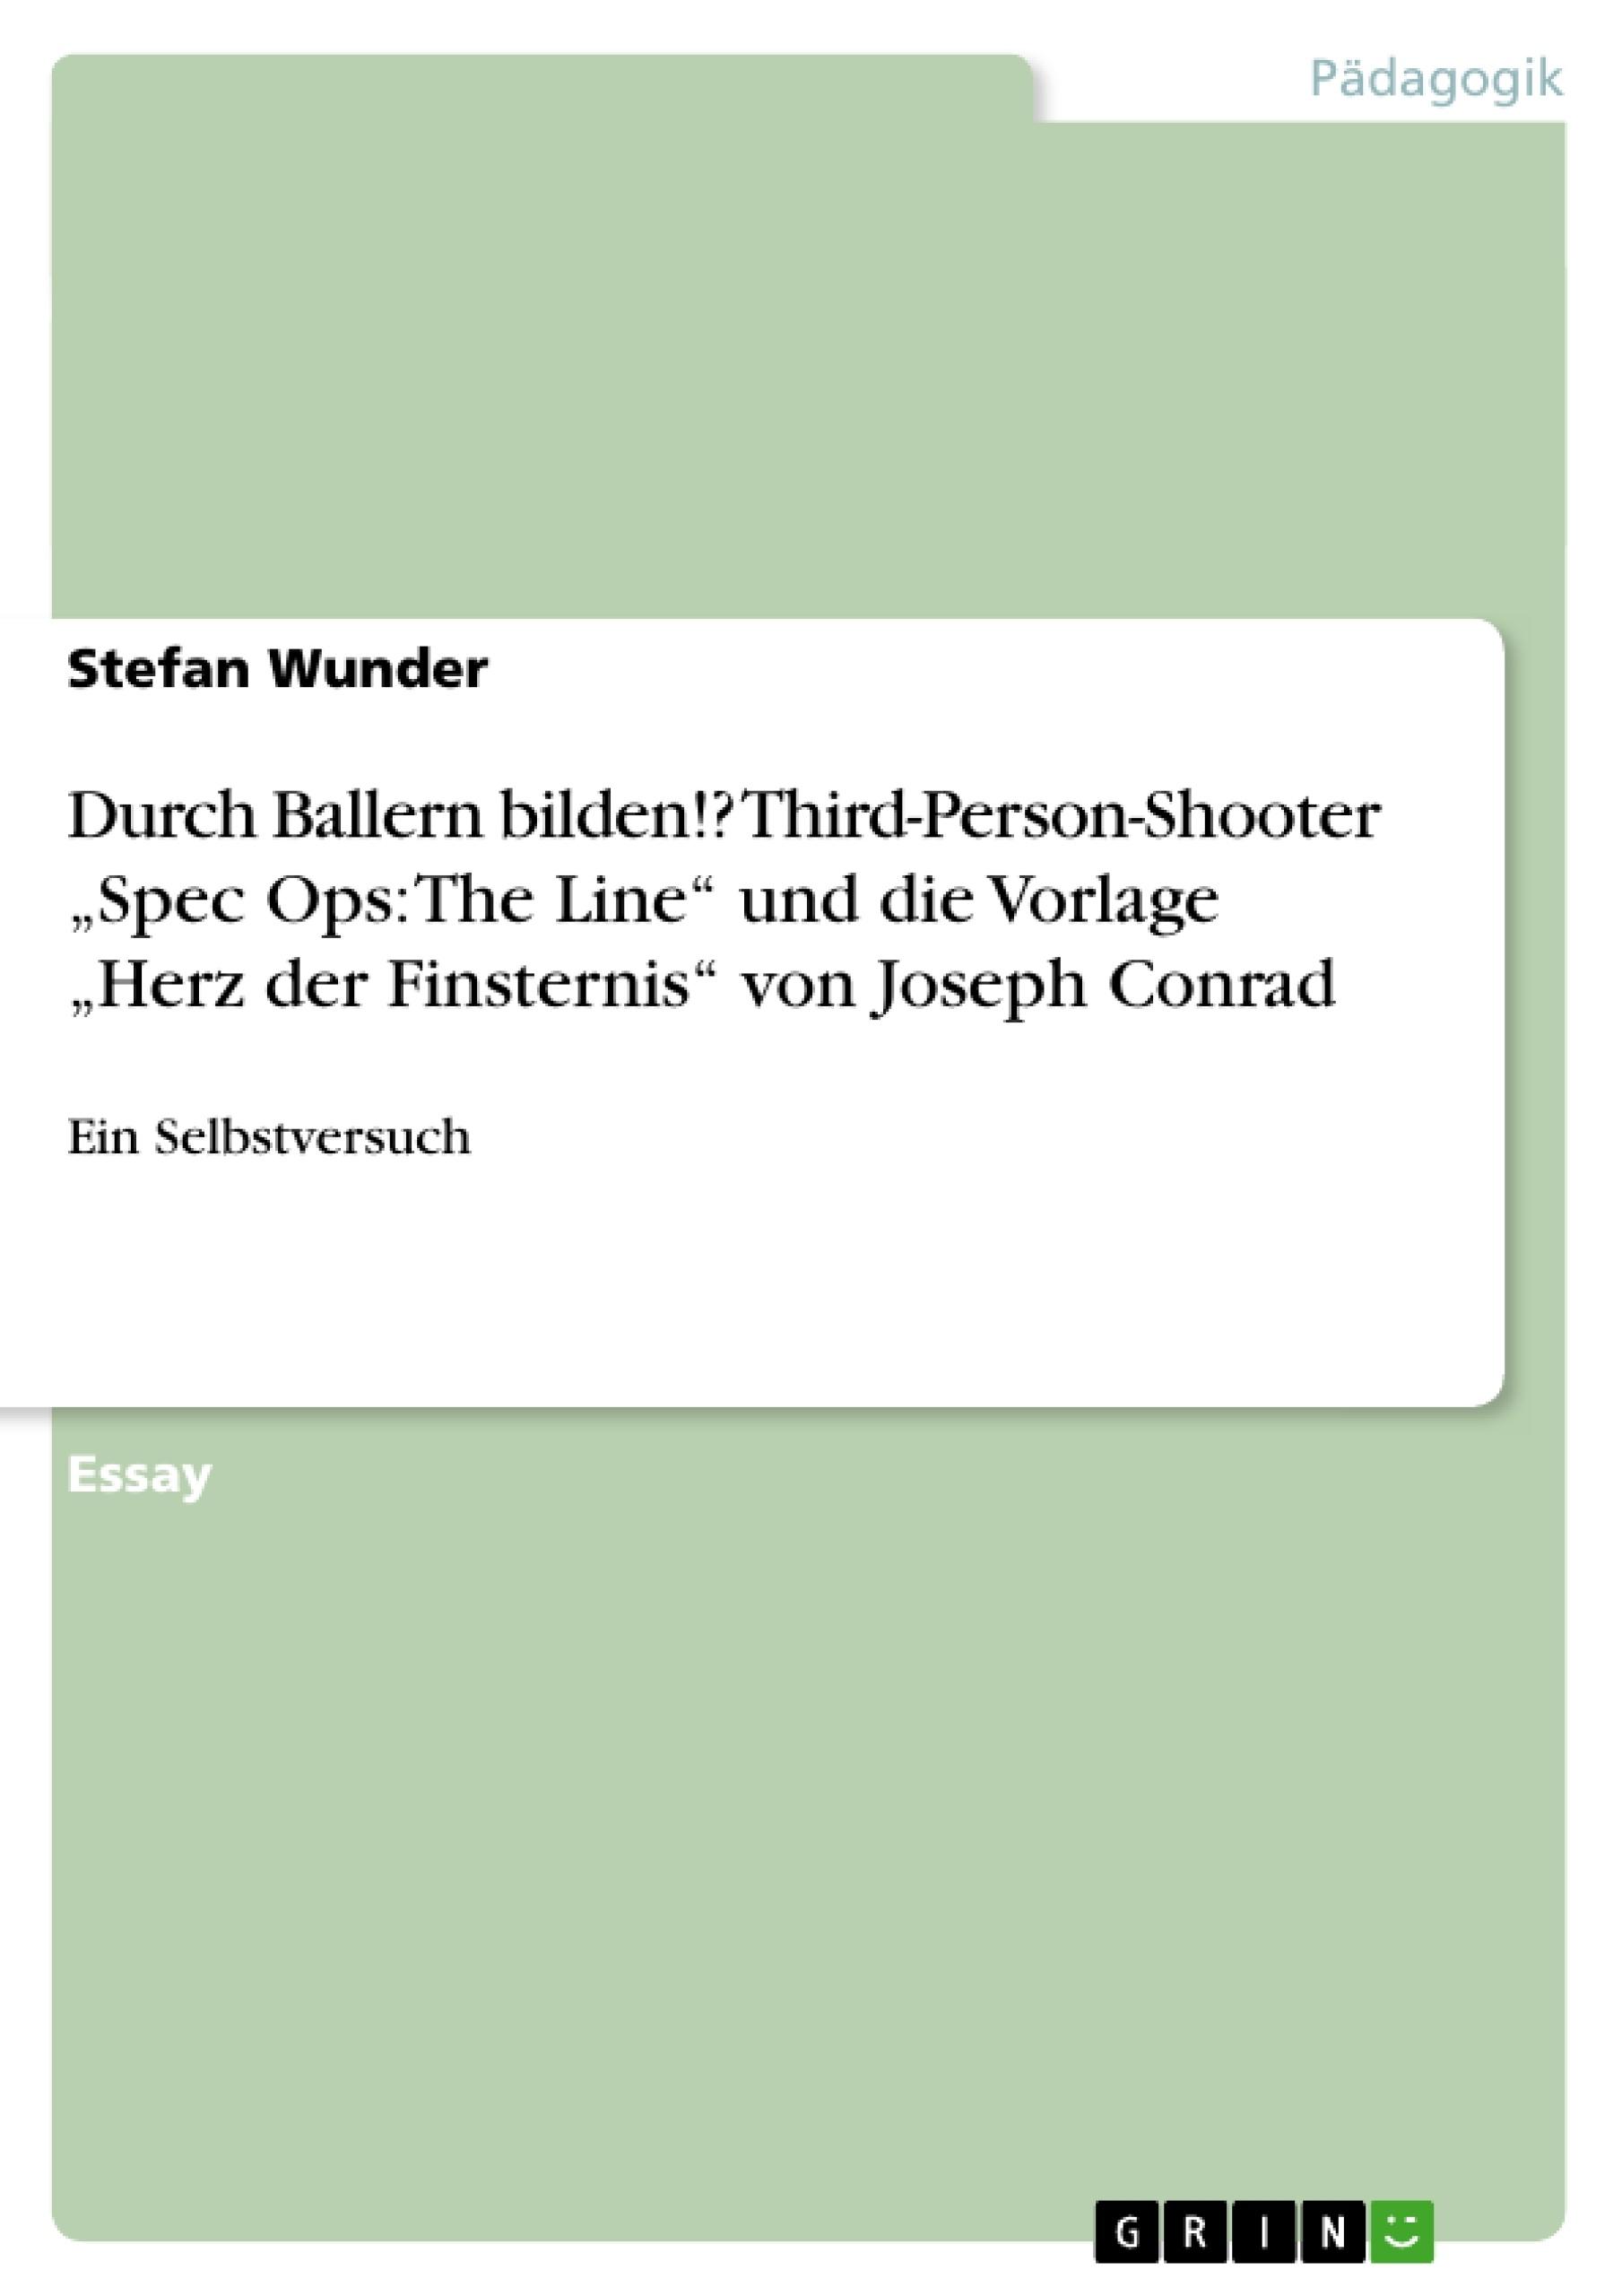 """Titel: Durch Ballern bilden!? Third-Person-Shooter """"Spec Ops: The Line"""" und die Vorlage """"Herz der Finsternis"""" von Joseph Conrad"""